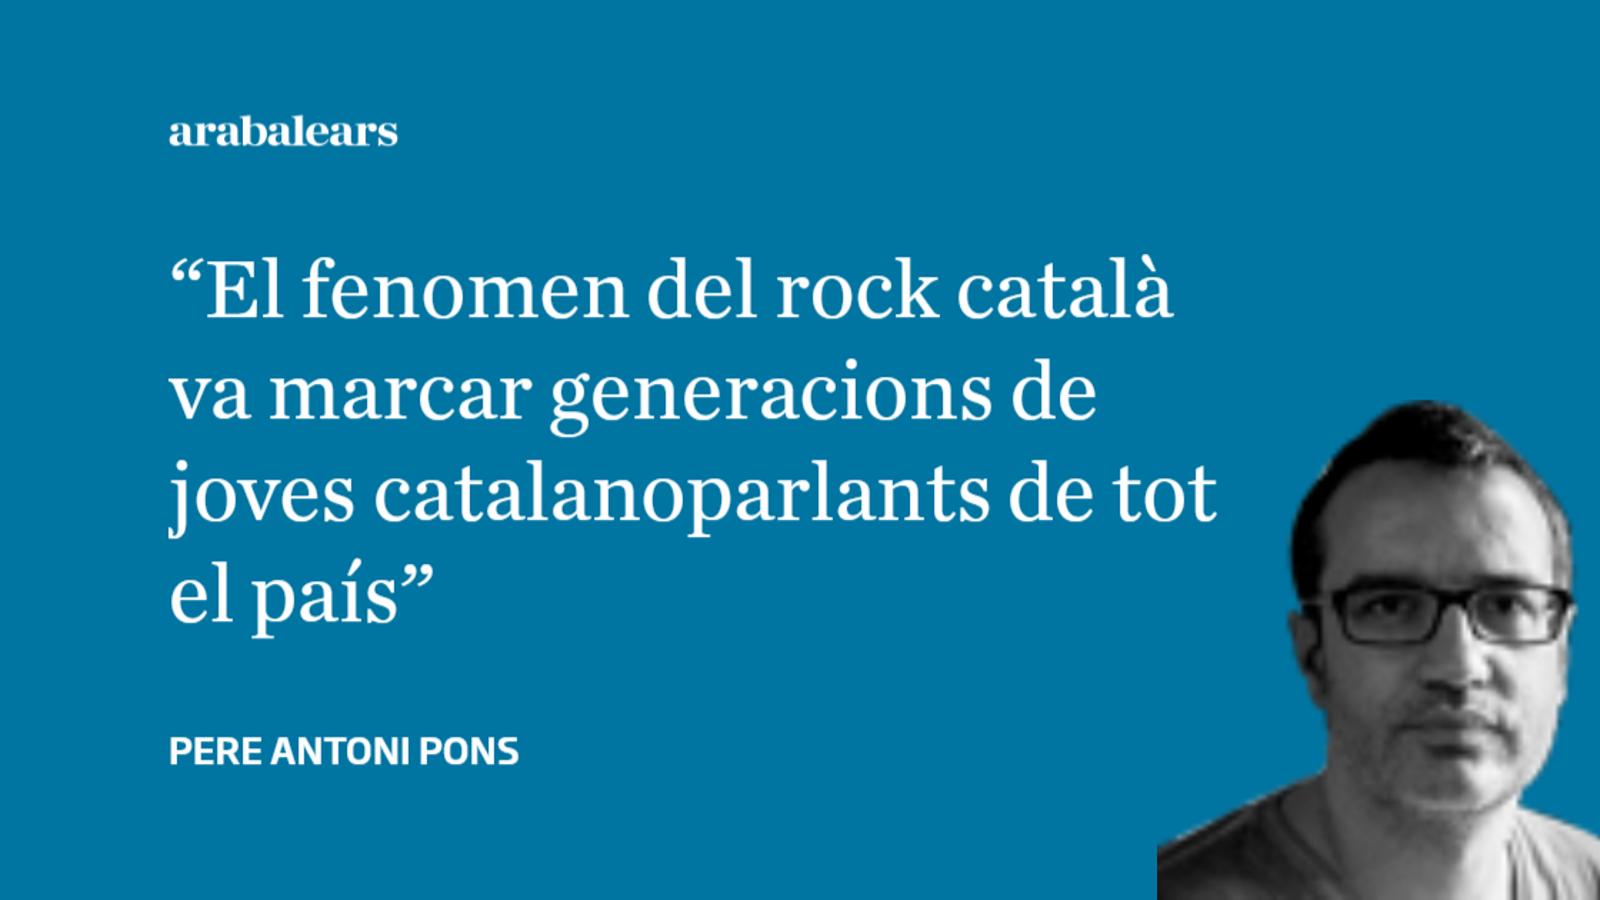 Els illencs del rock català